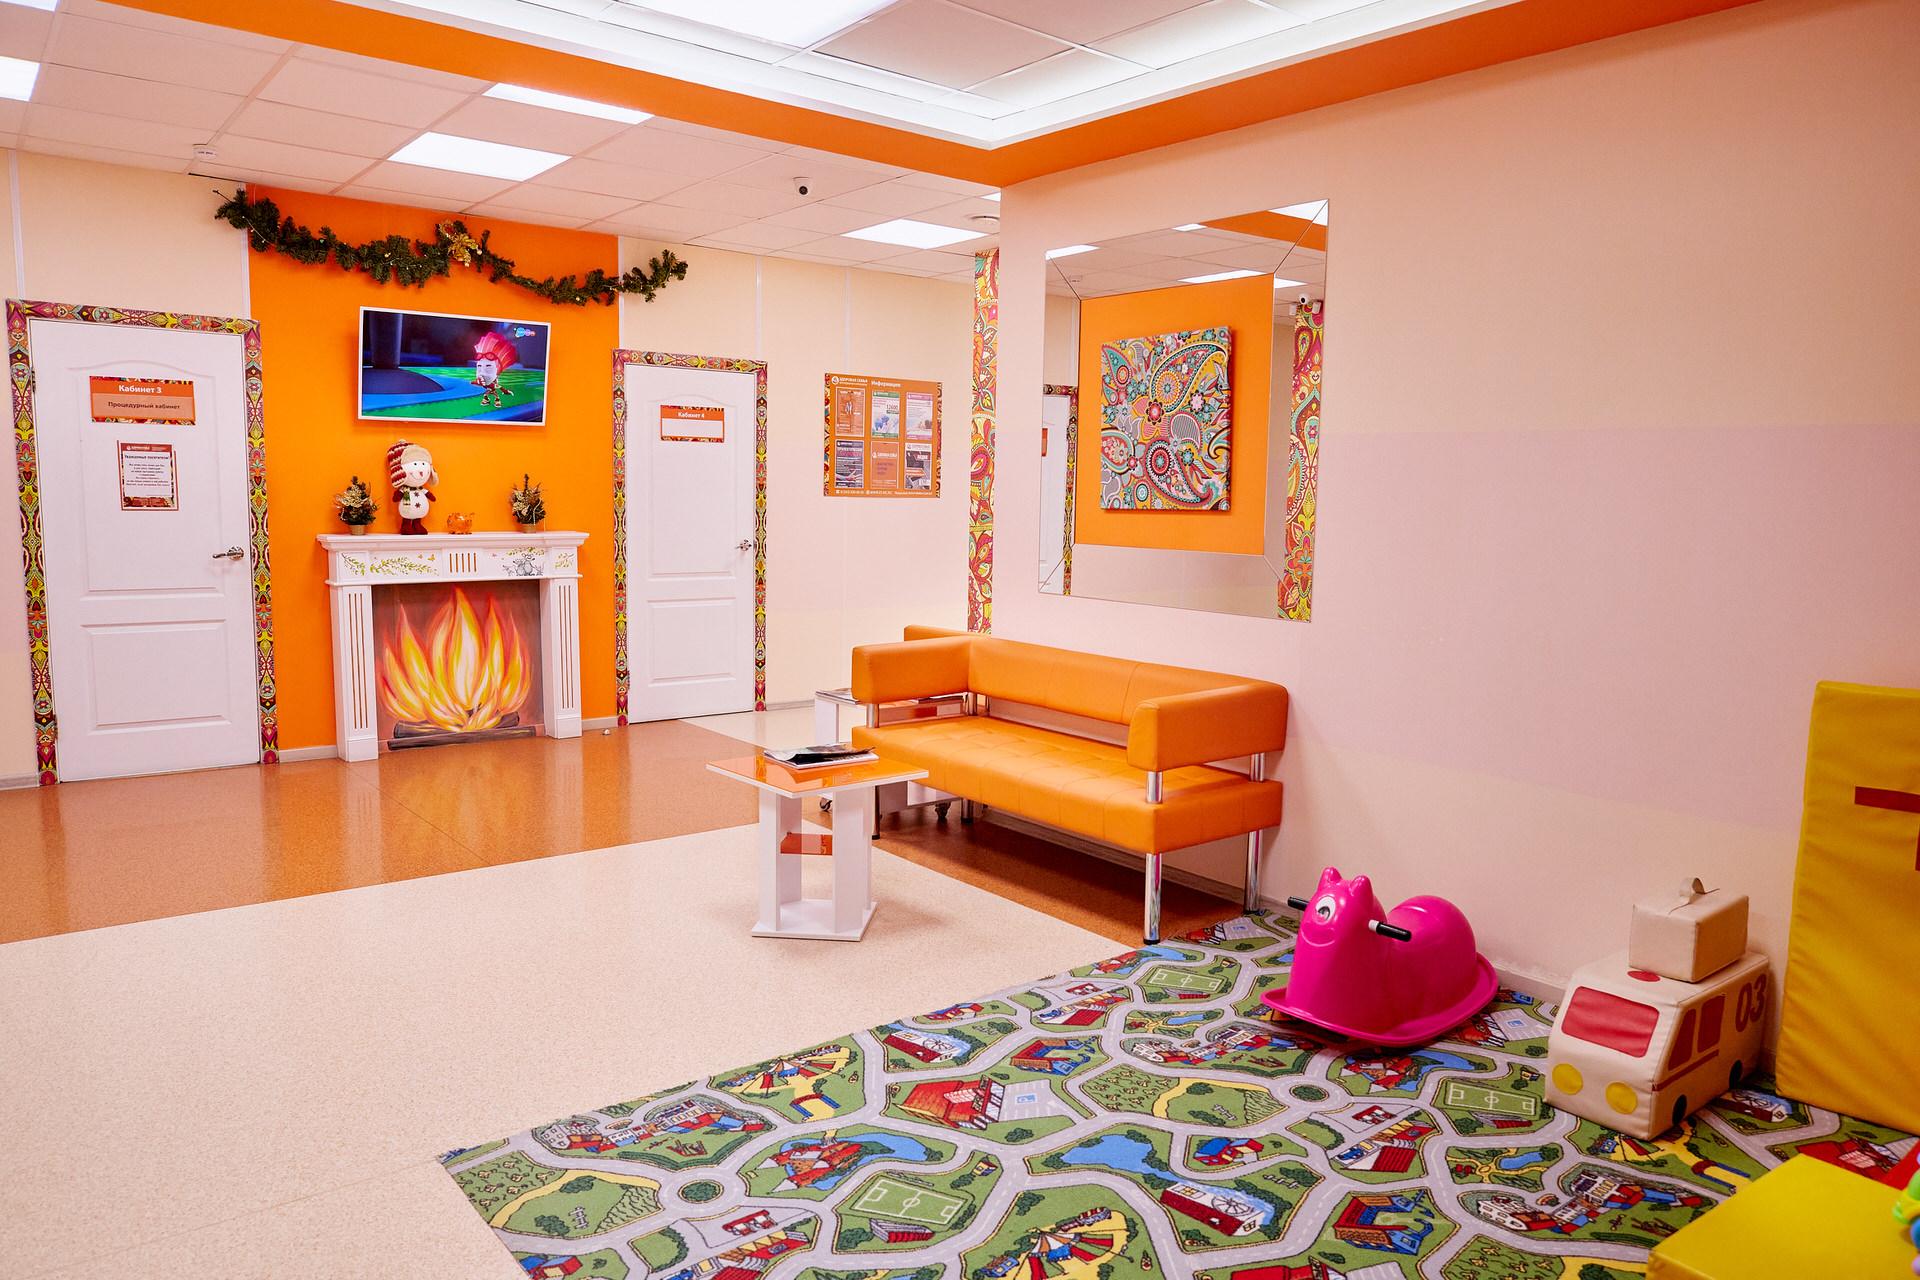 В медицинском центре «Здоровая семья» есть все специалисты и необходимое оборудование, чтобы диагностировать и исправить неврологические отклонения